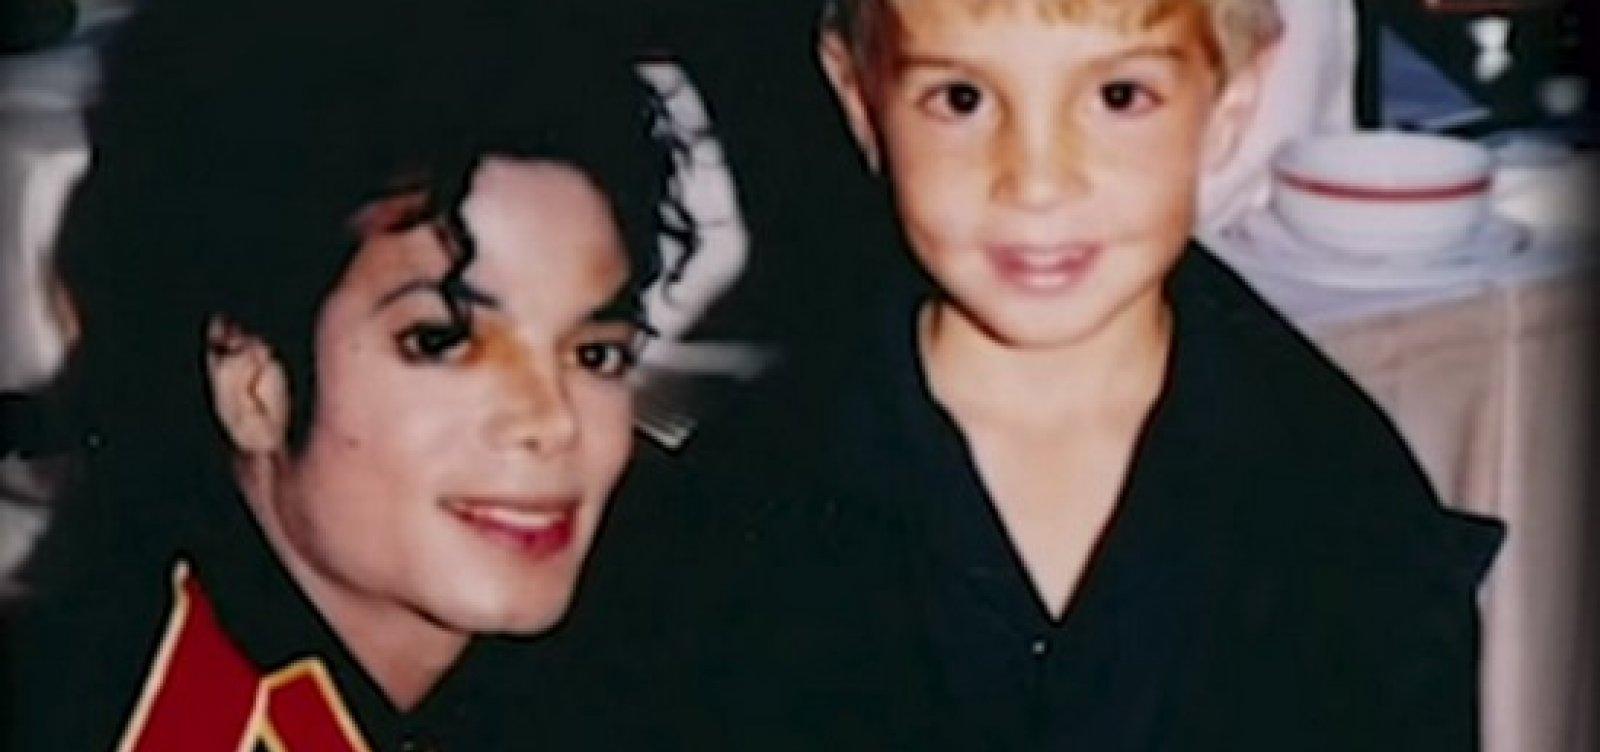 [Família de Michael Jackson cria próprio documentário para rebater acusações de pedofilia]